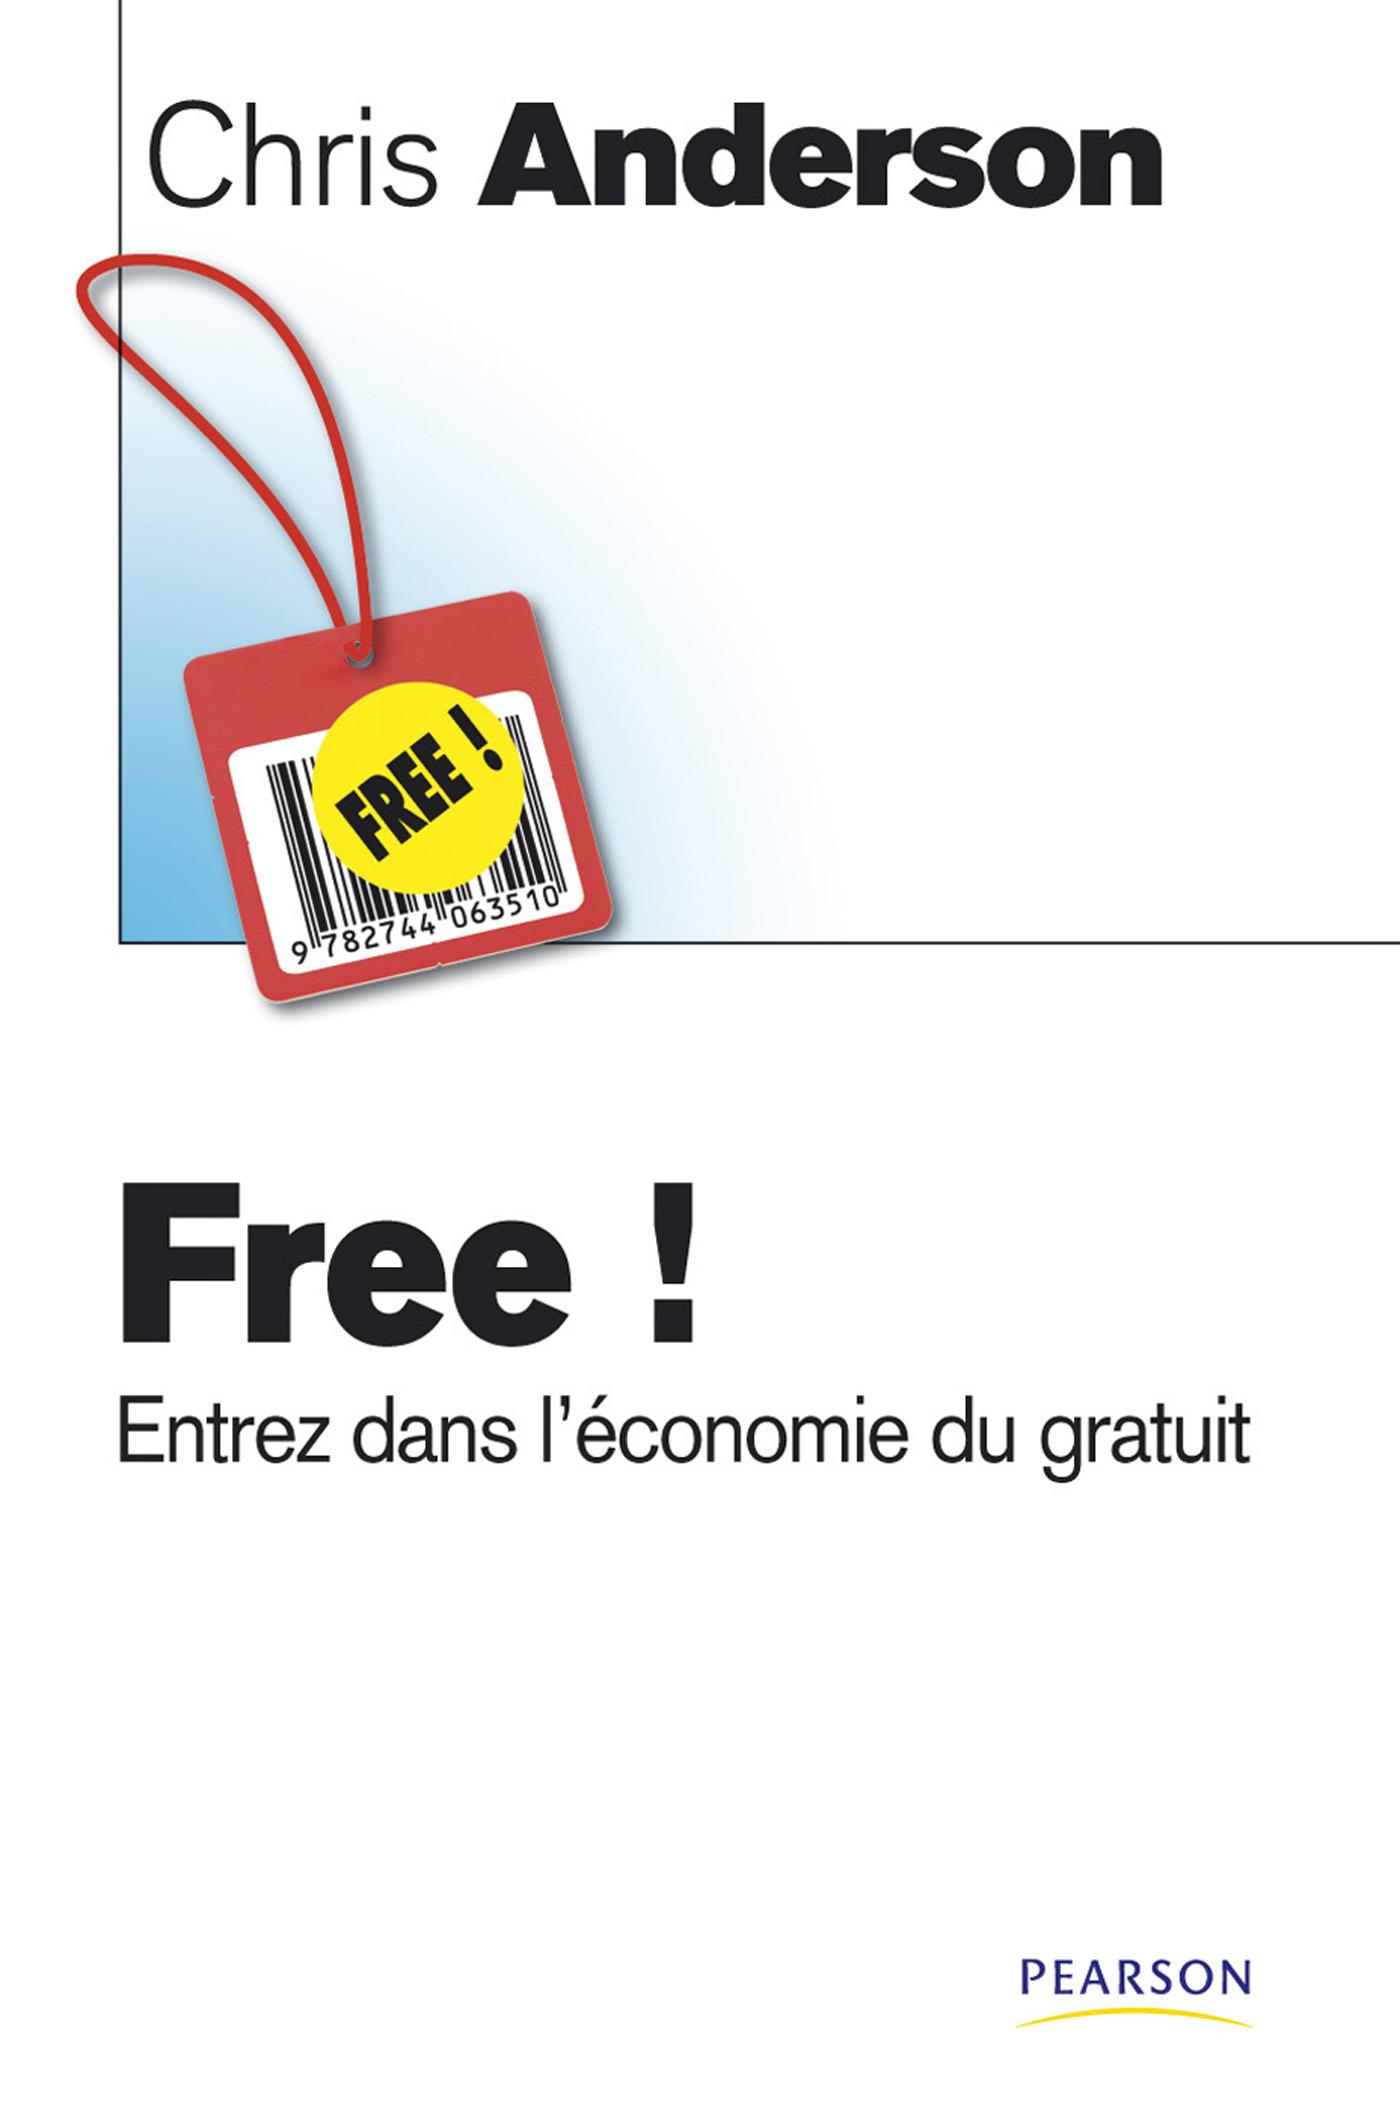 Free ! entrez dans l'économie du gratuit